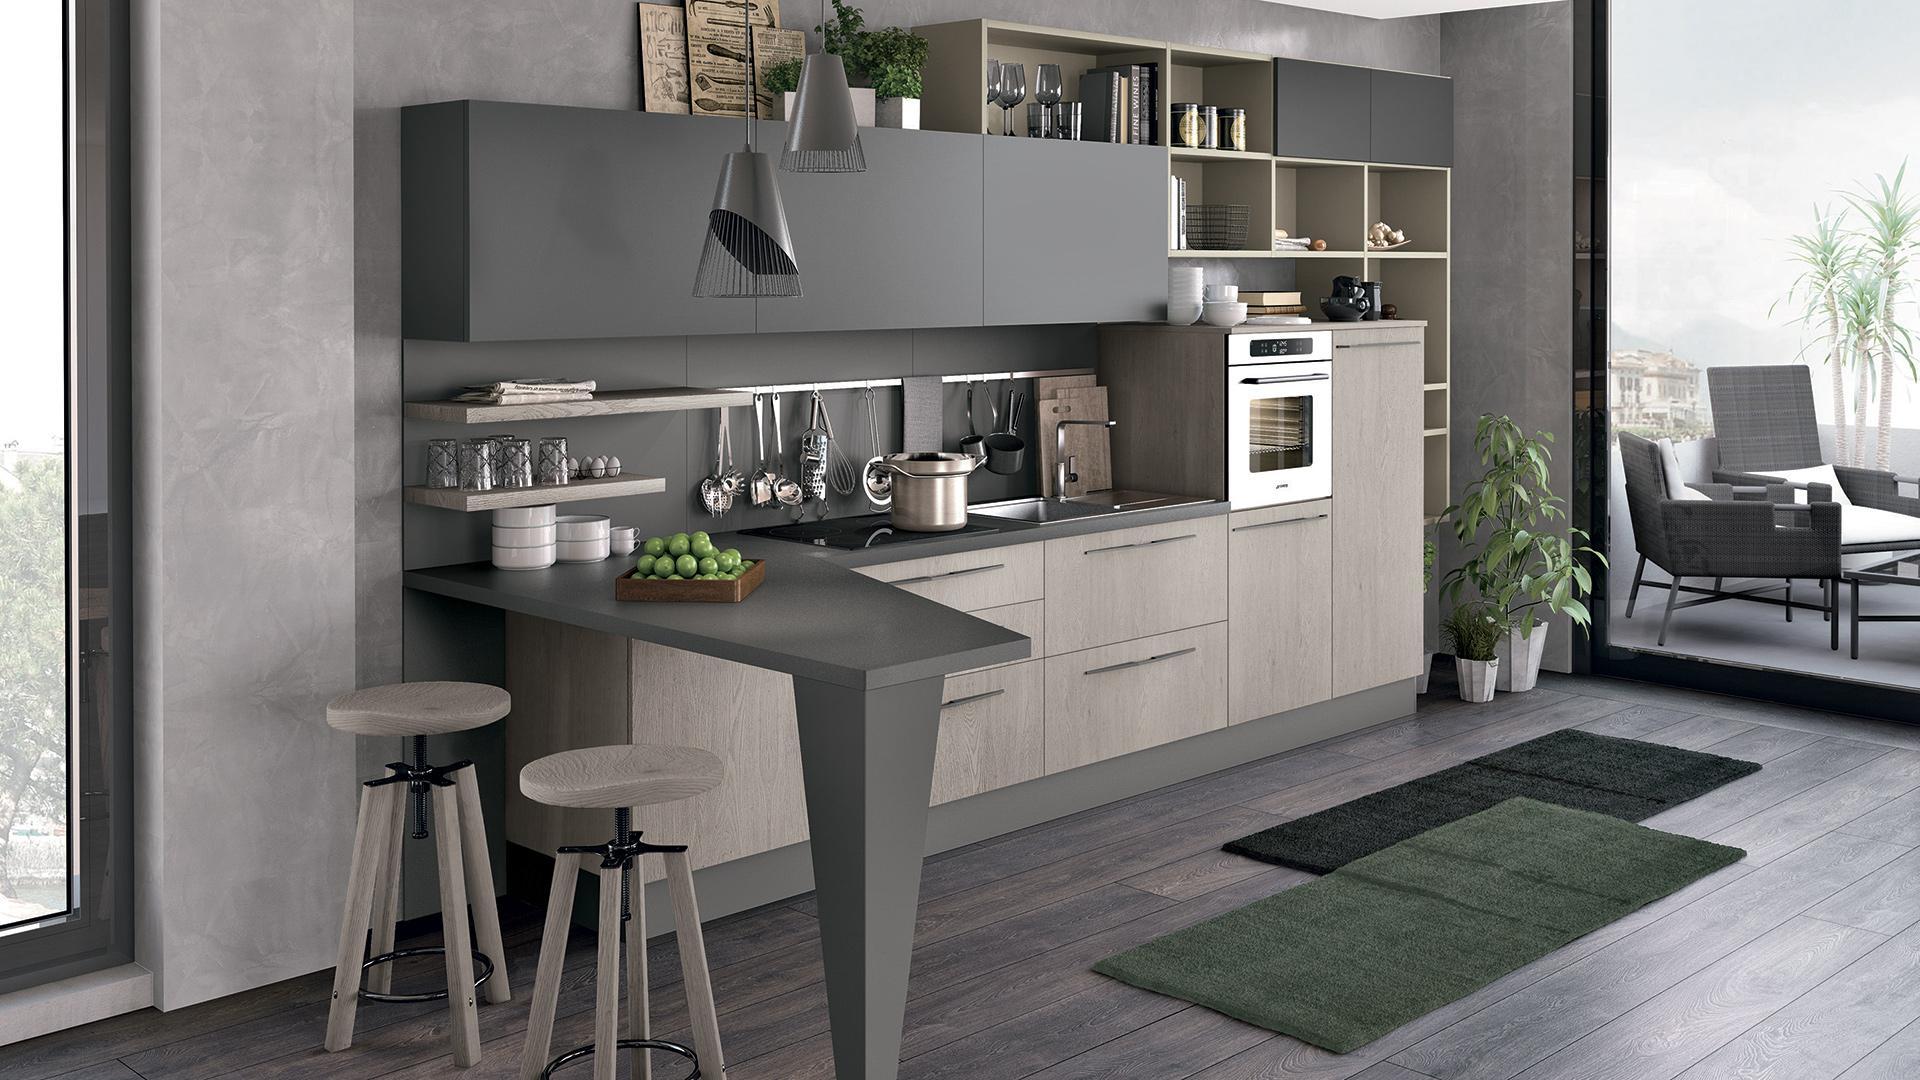 Cucine lube ad angolo i suggerimenti per arredare lube store milano le cucine lube creo a - Cucine moderne con isola lube ...